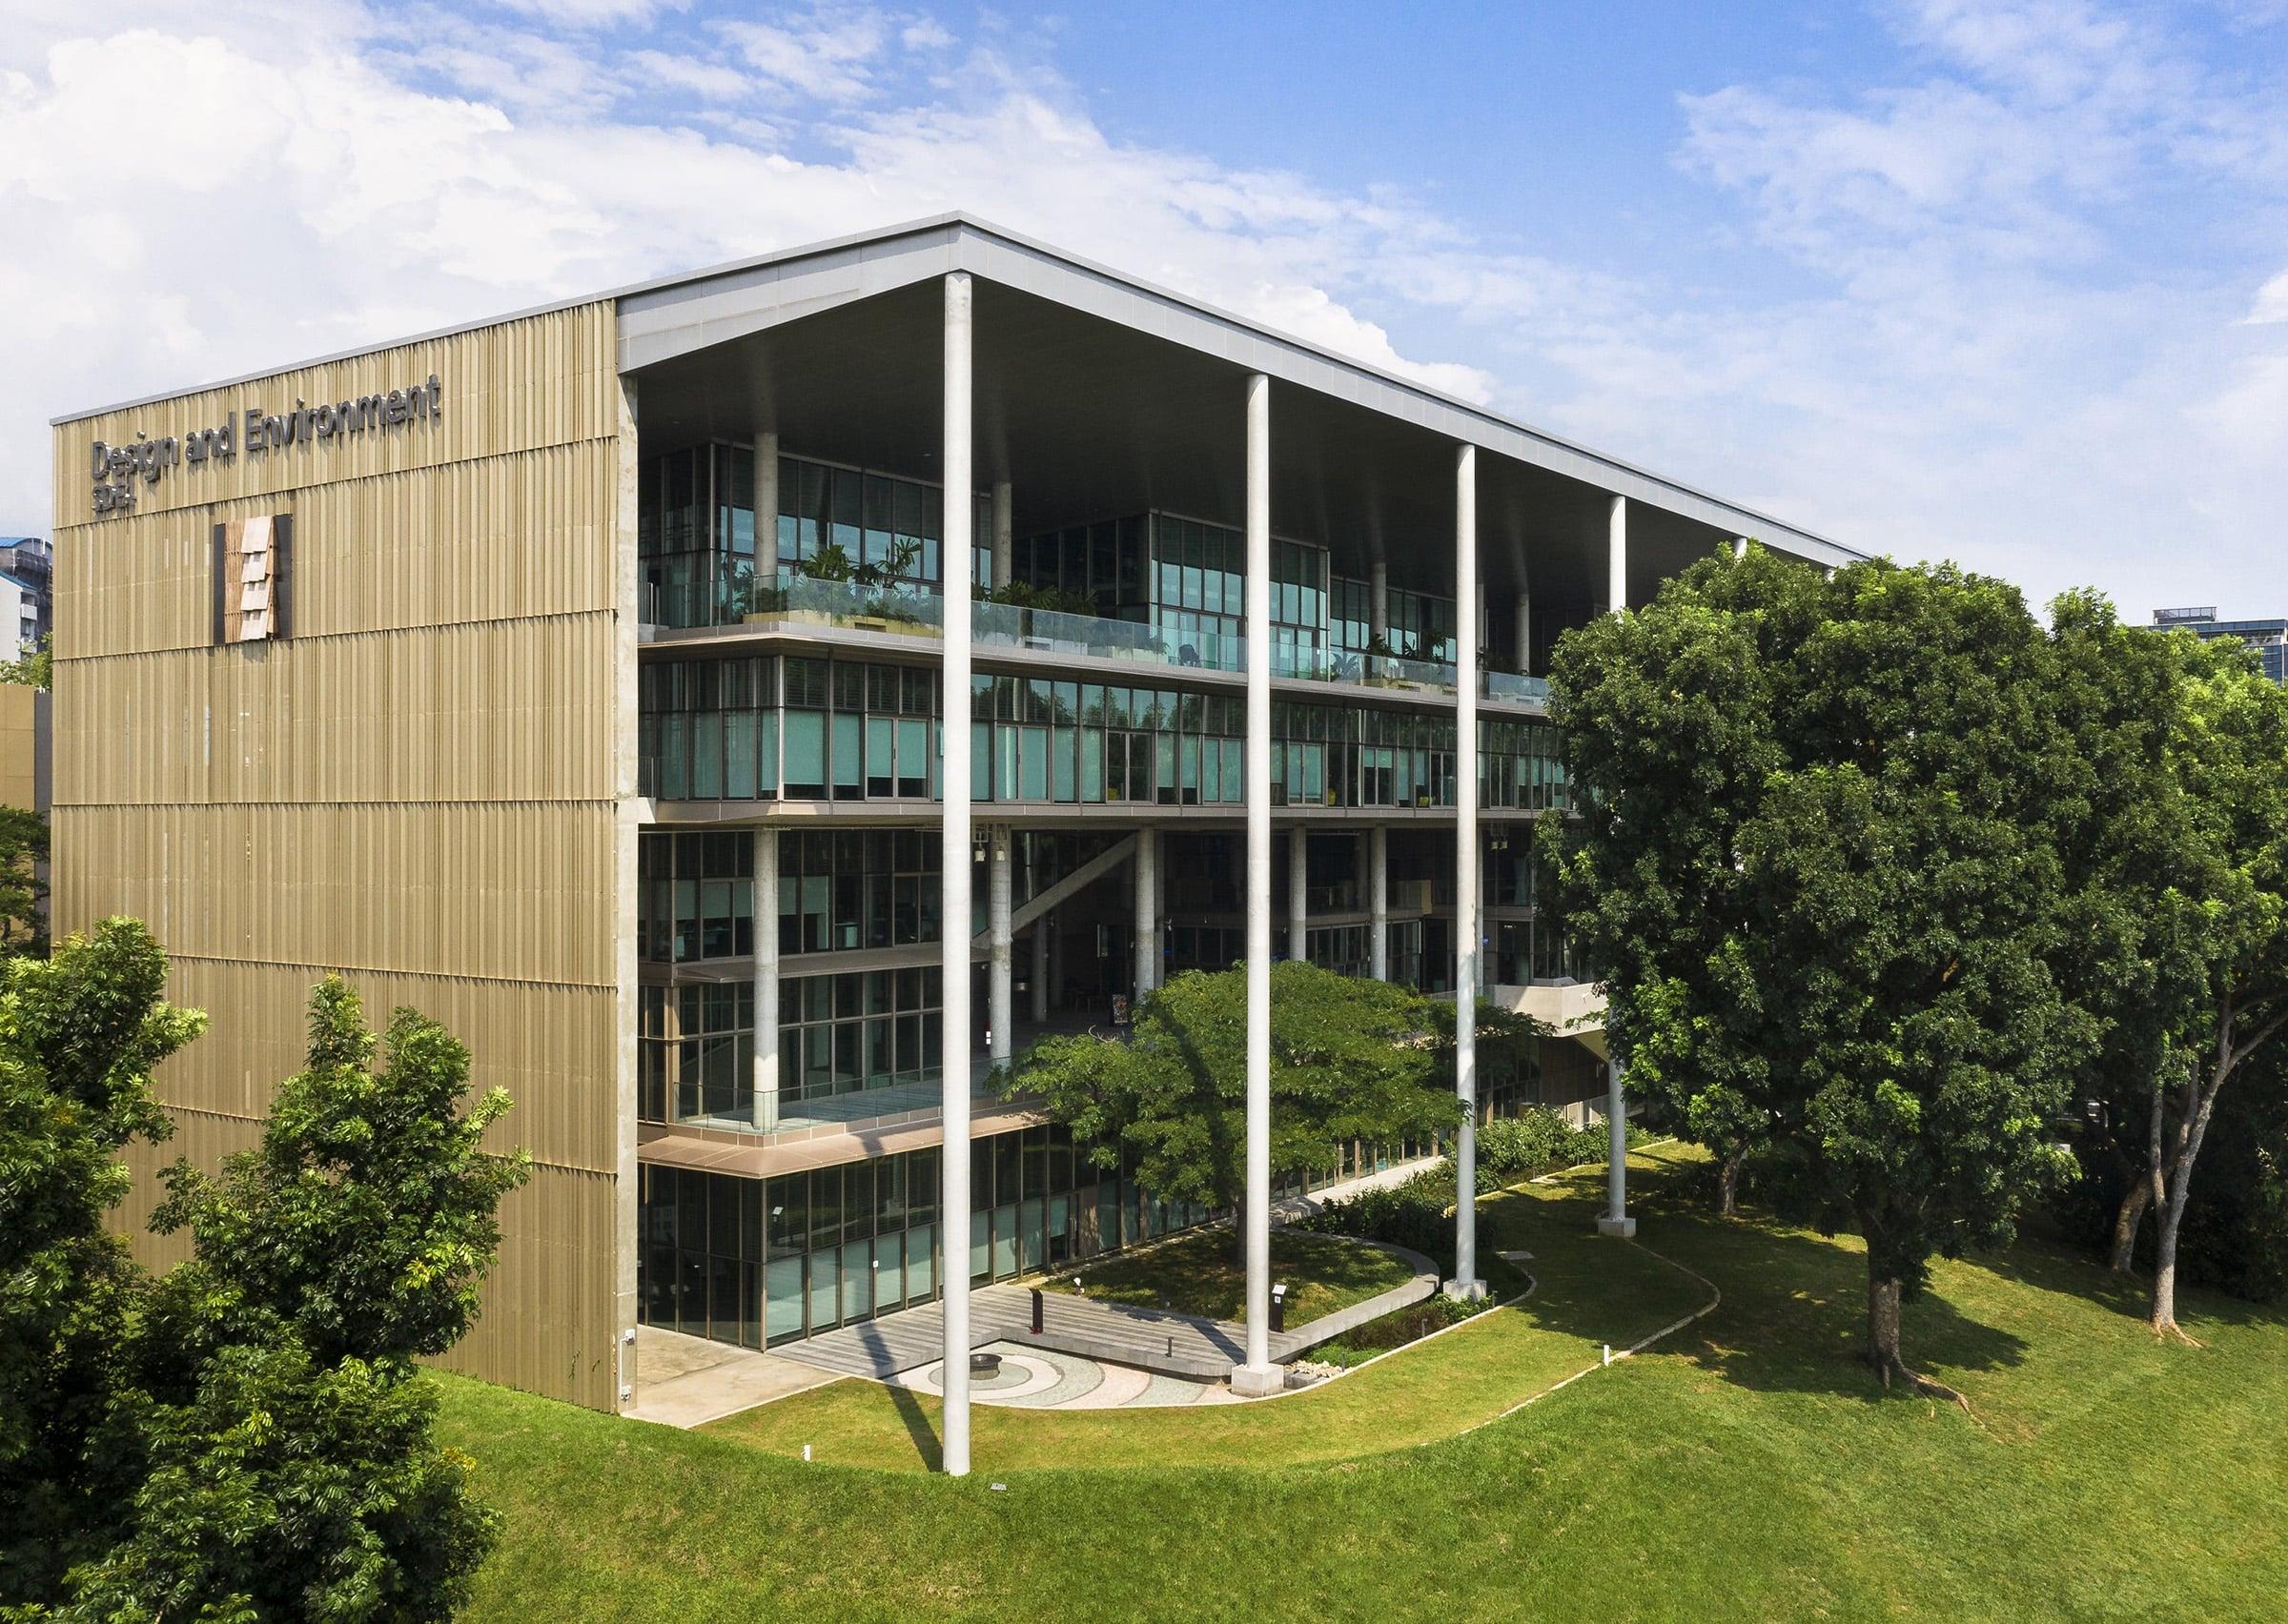 NUS School of Design & Environment 4